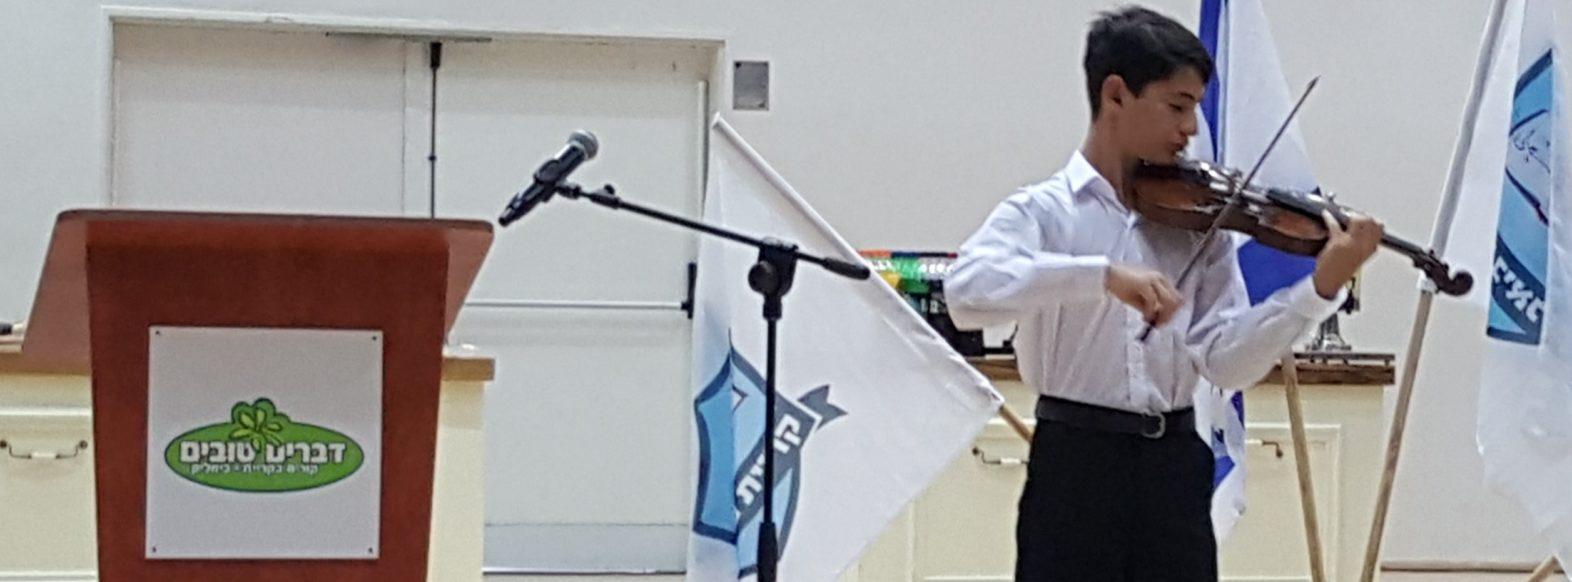 מלגת קרן שרת לתלמיד הקונסרבטוריון